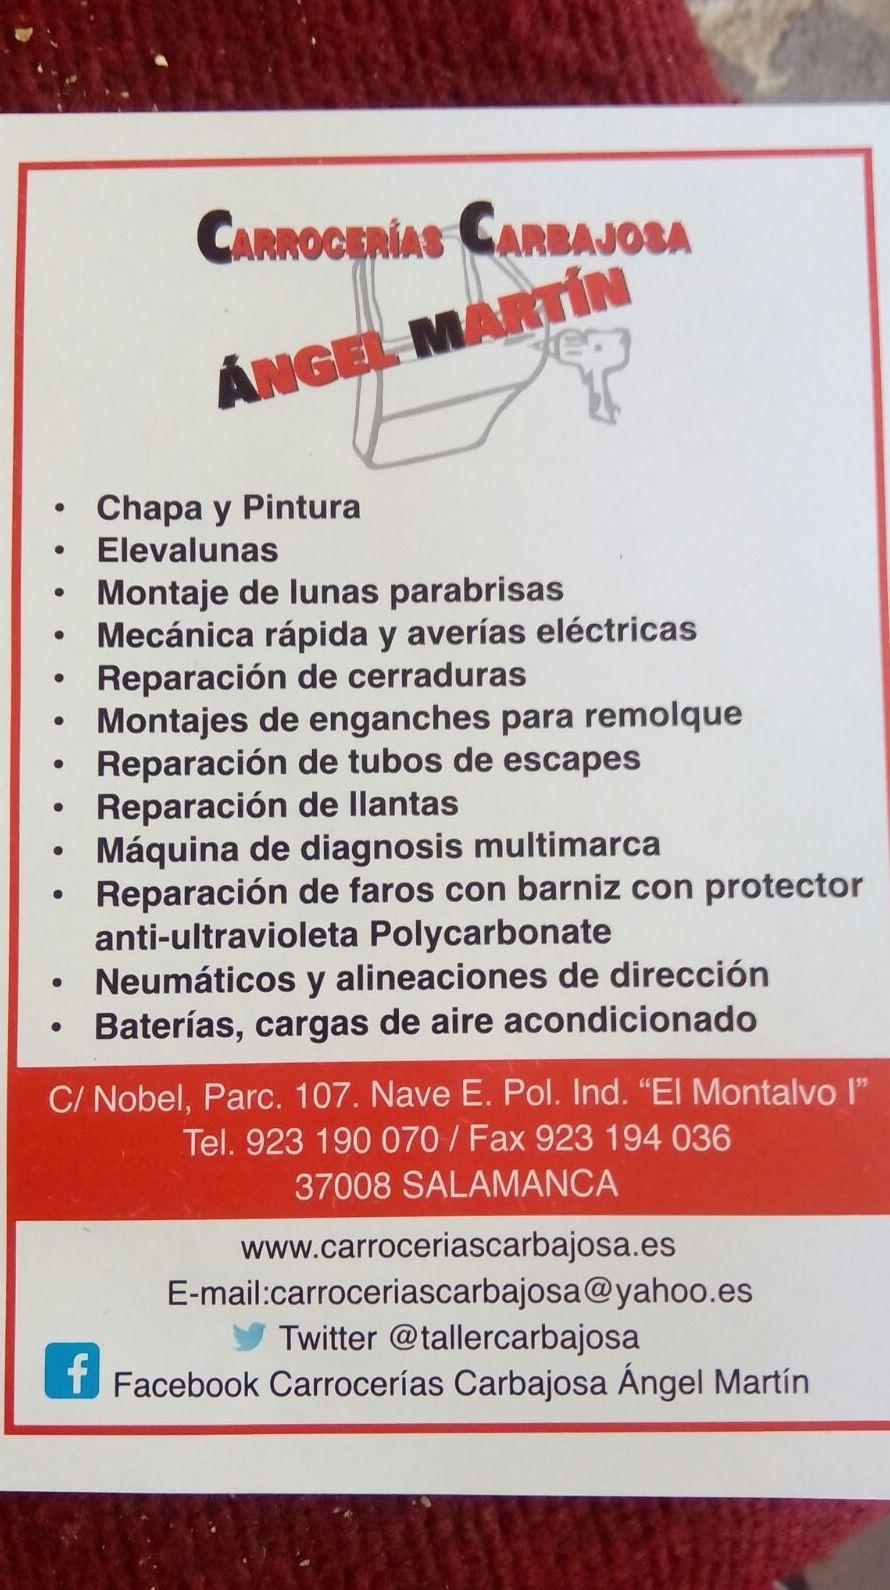 Foto 7 de Talleres de chapa y pintura en Salamanca | Carrocerías Carbajosa (Ángel Martín)